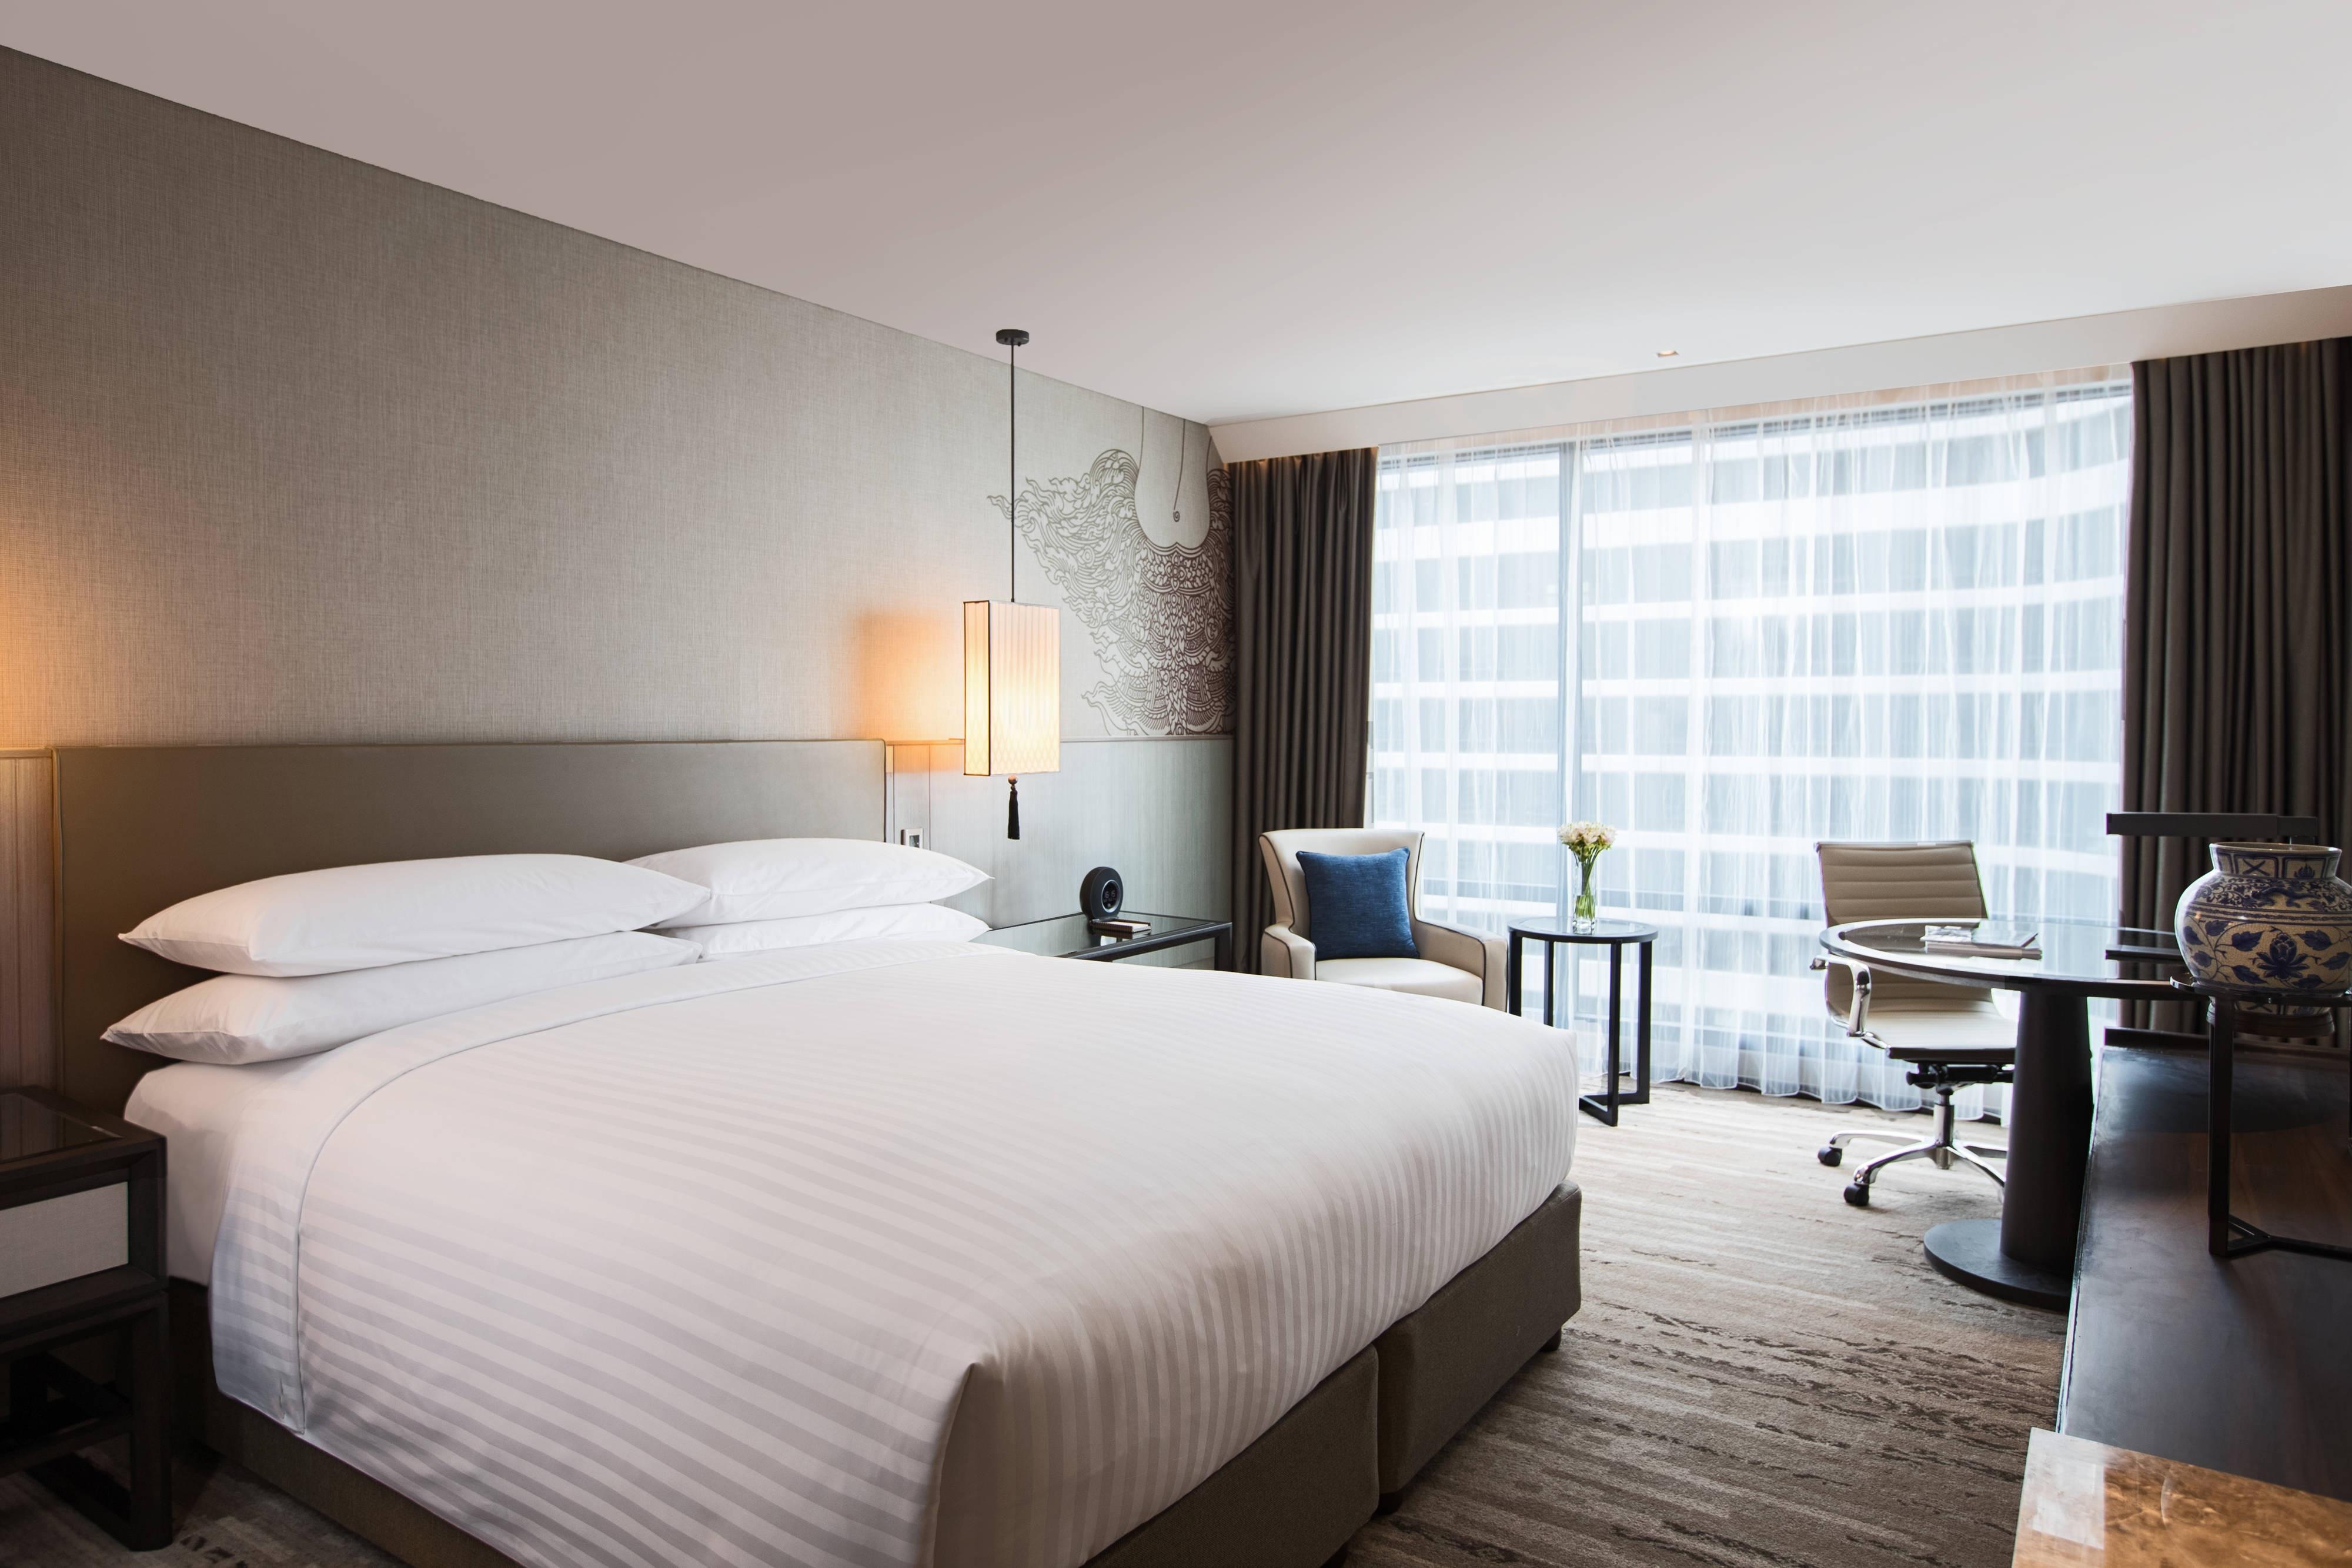 PROMO] 65% OFF B8 Rooms Hotel Bangkok Thailand Cheap Hotels